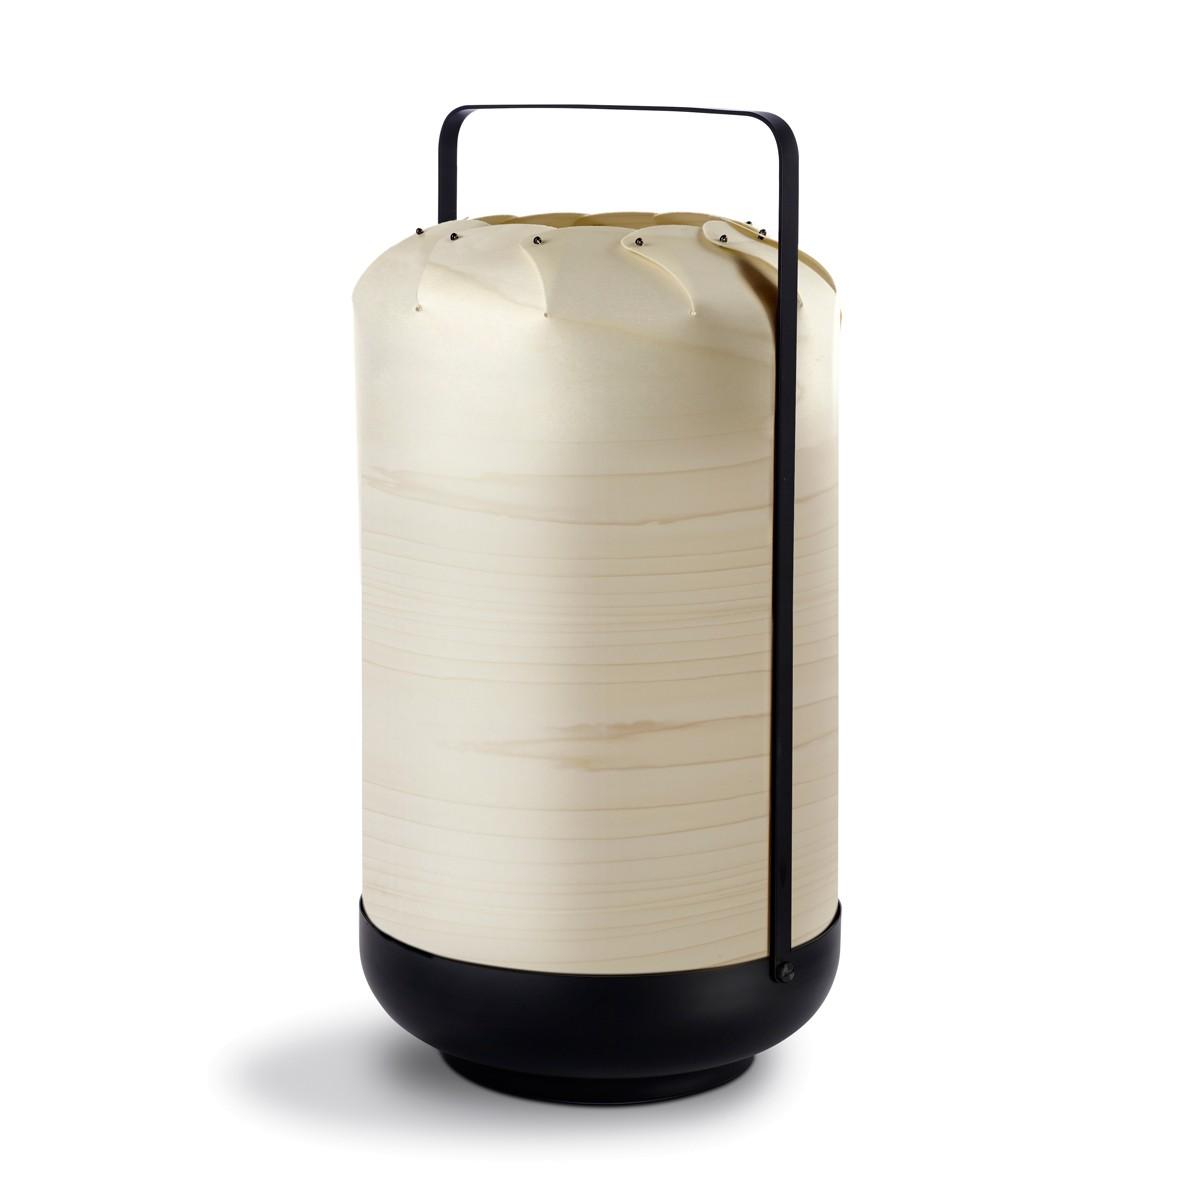 LZF Lamps Chou Tall Medium Tischleuchte, elfenbeinweiß